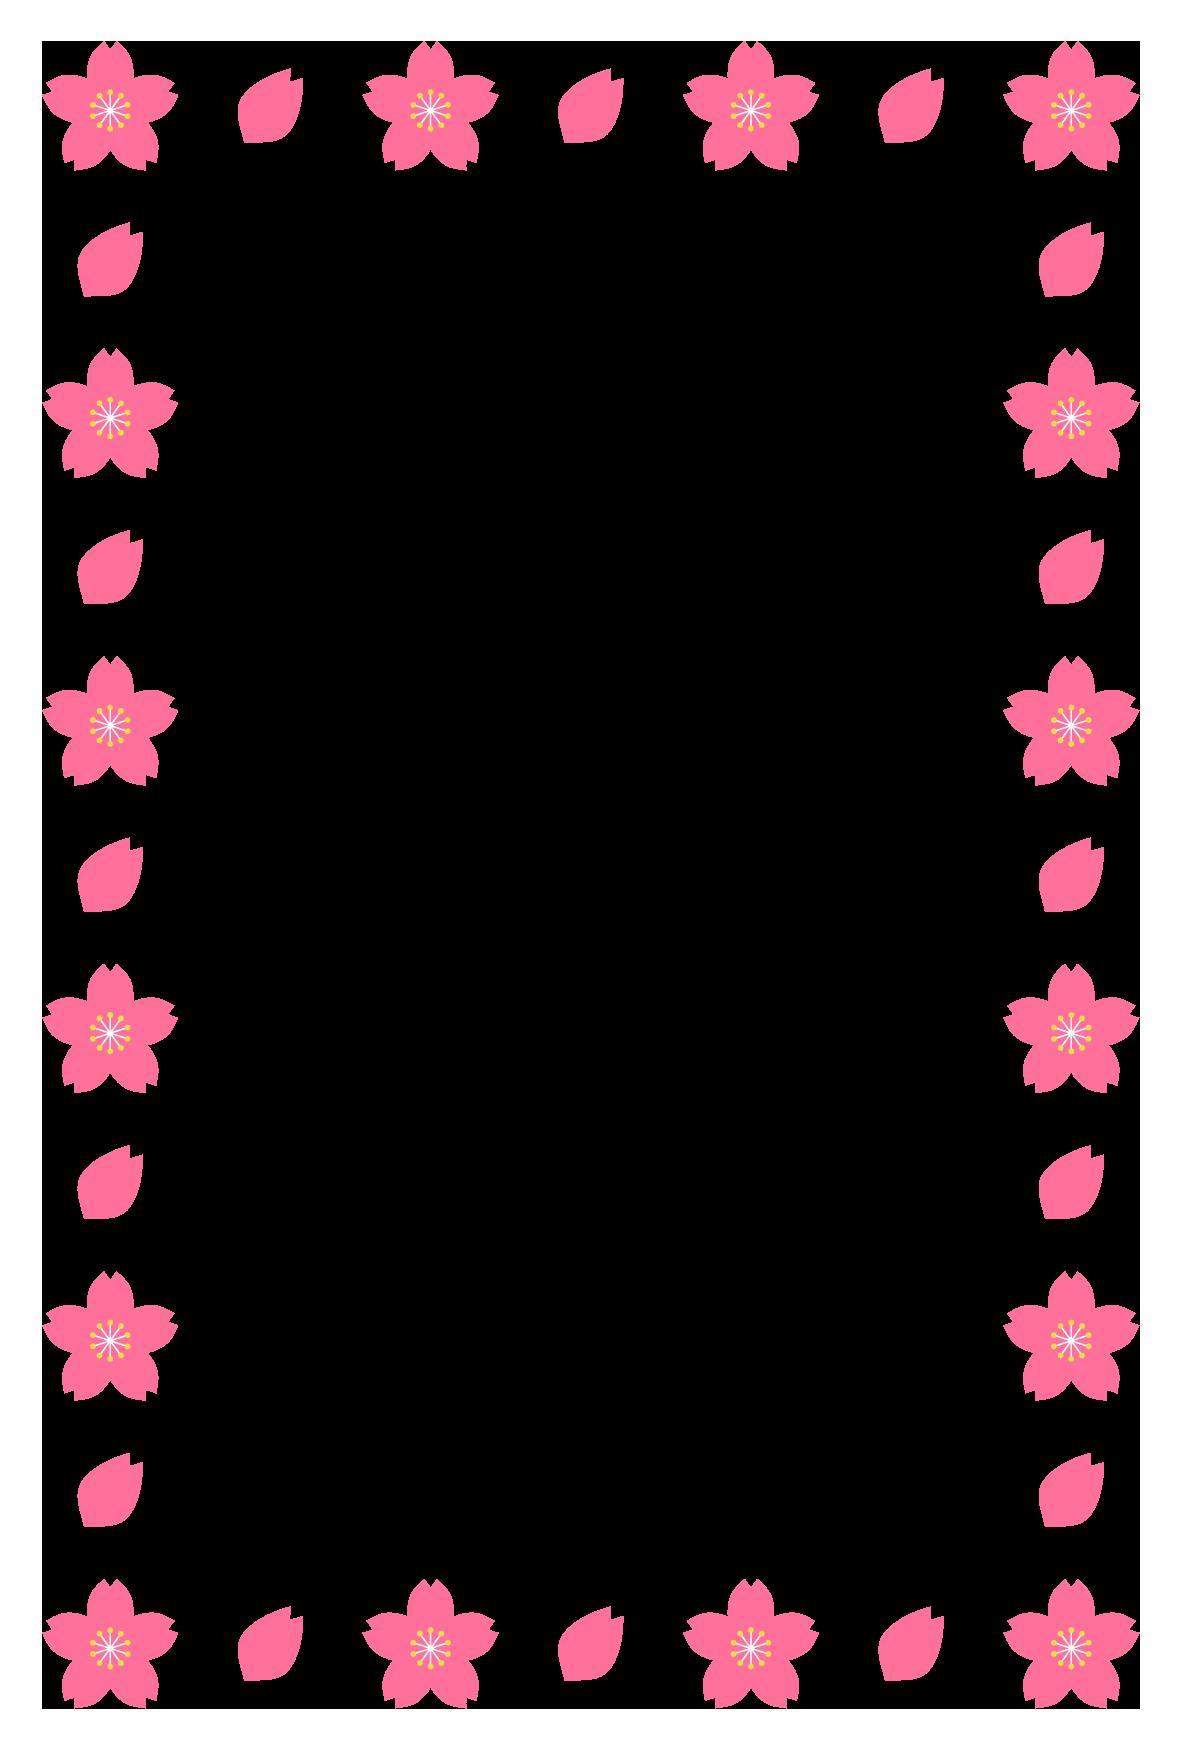 春(桜)のシンプル枠イラスト-縦 <無料> | イラストk